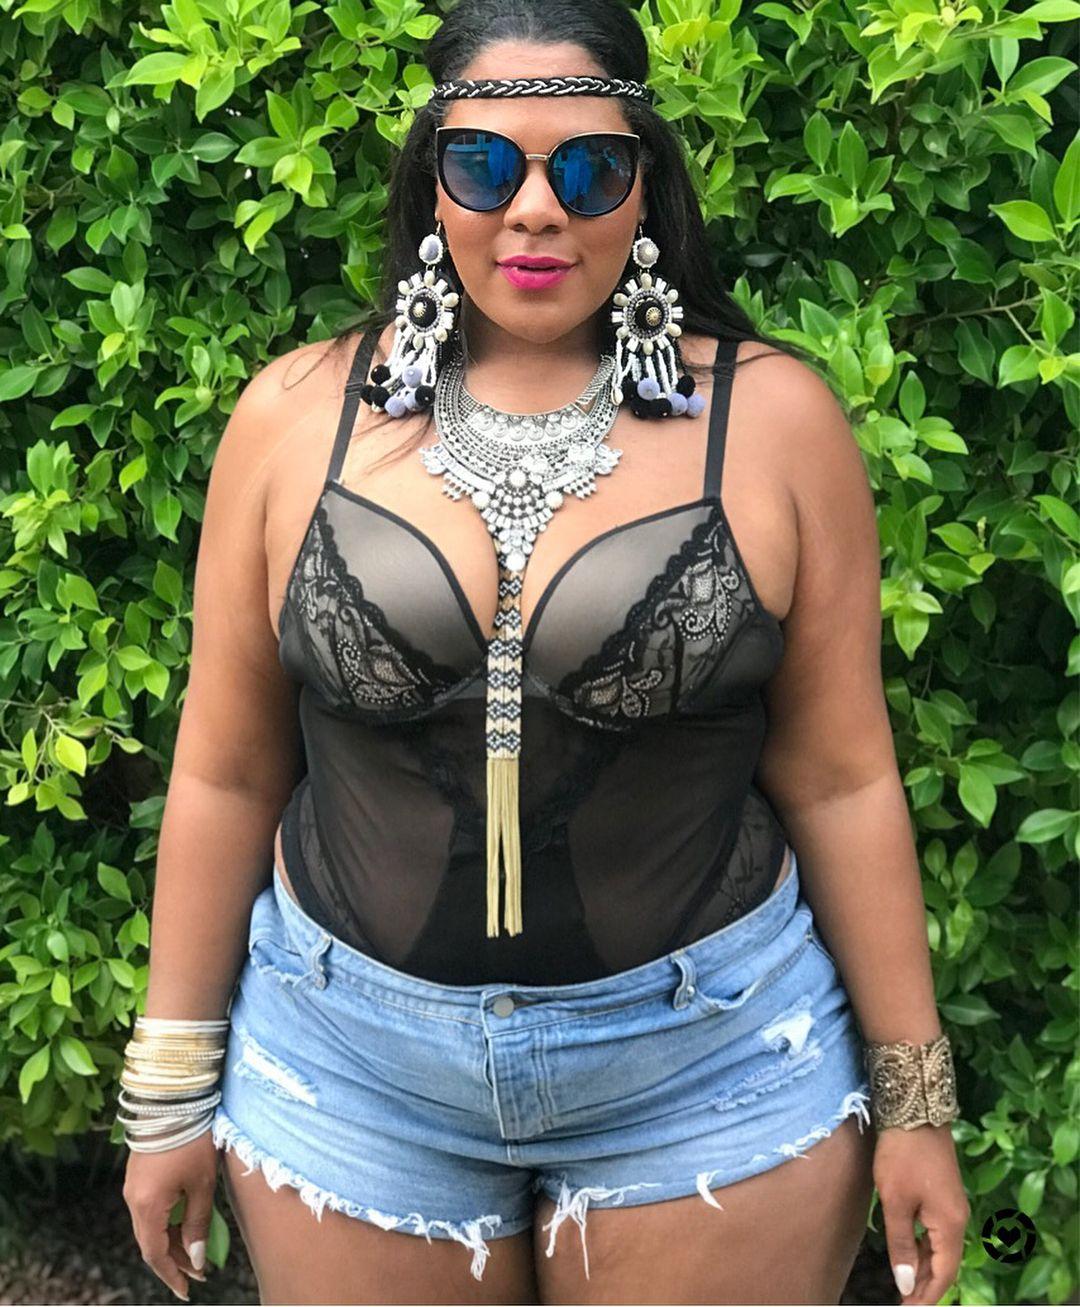 2e56e687d2 Plus Size Coachella Outfit Idea - Plus Size Summer Festival Ouffit ...